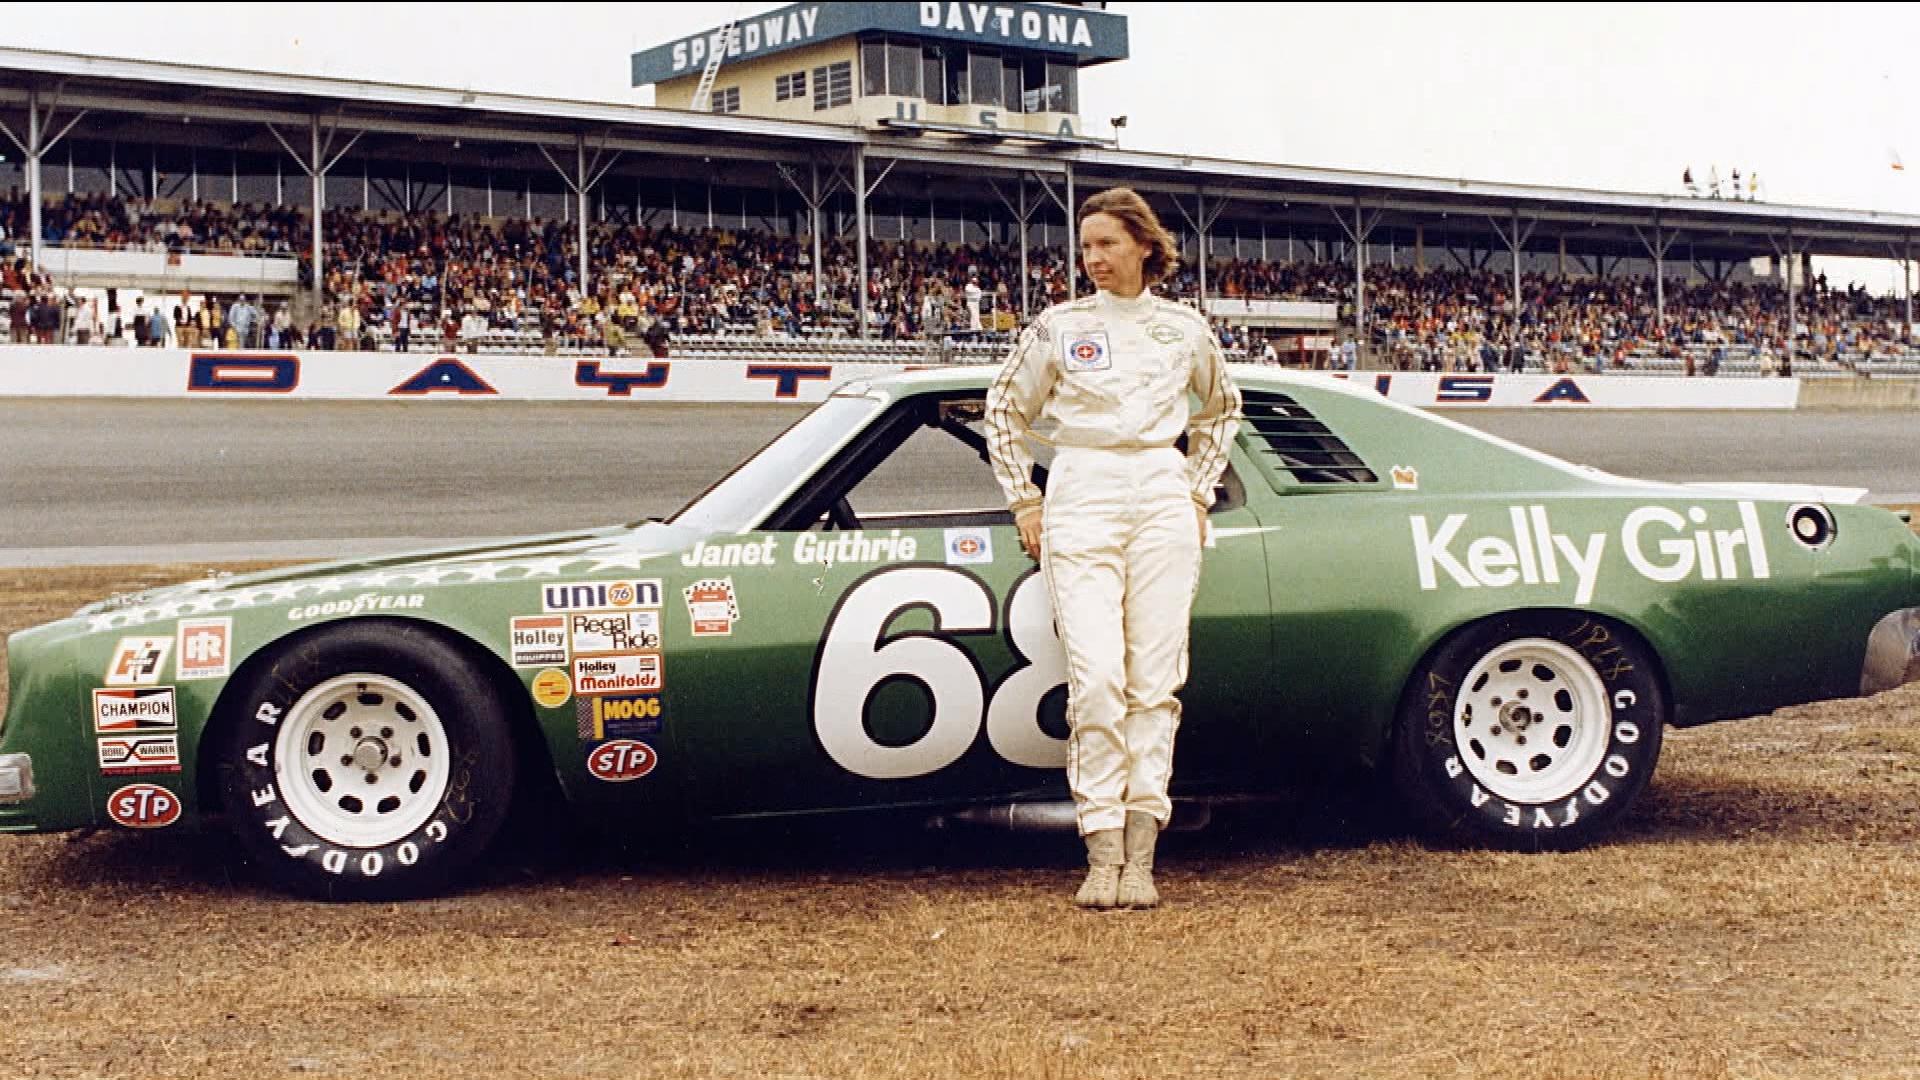 Female NASCAR drivers